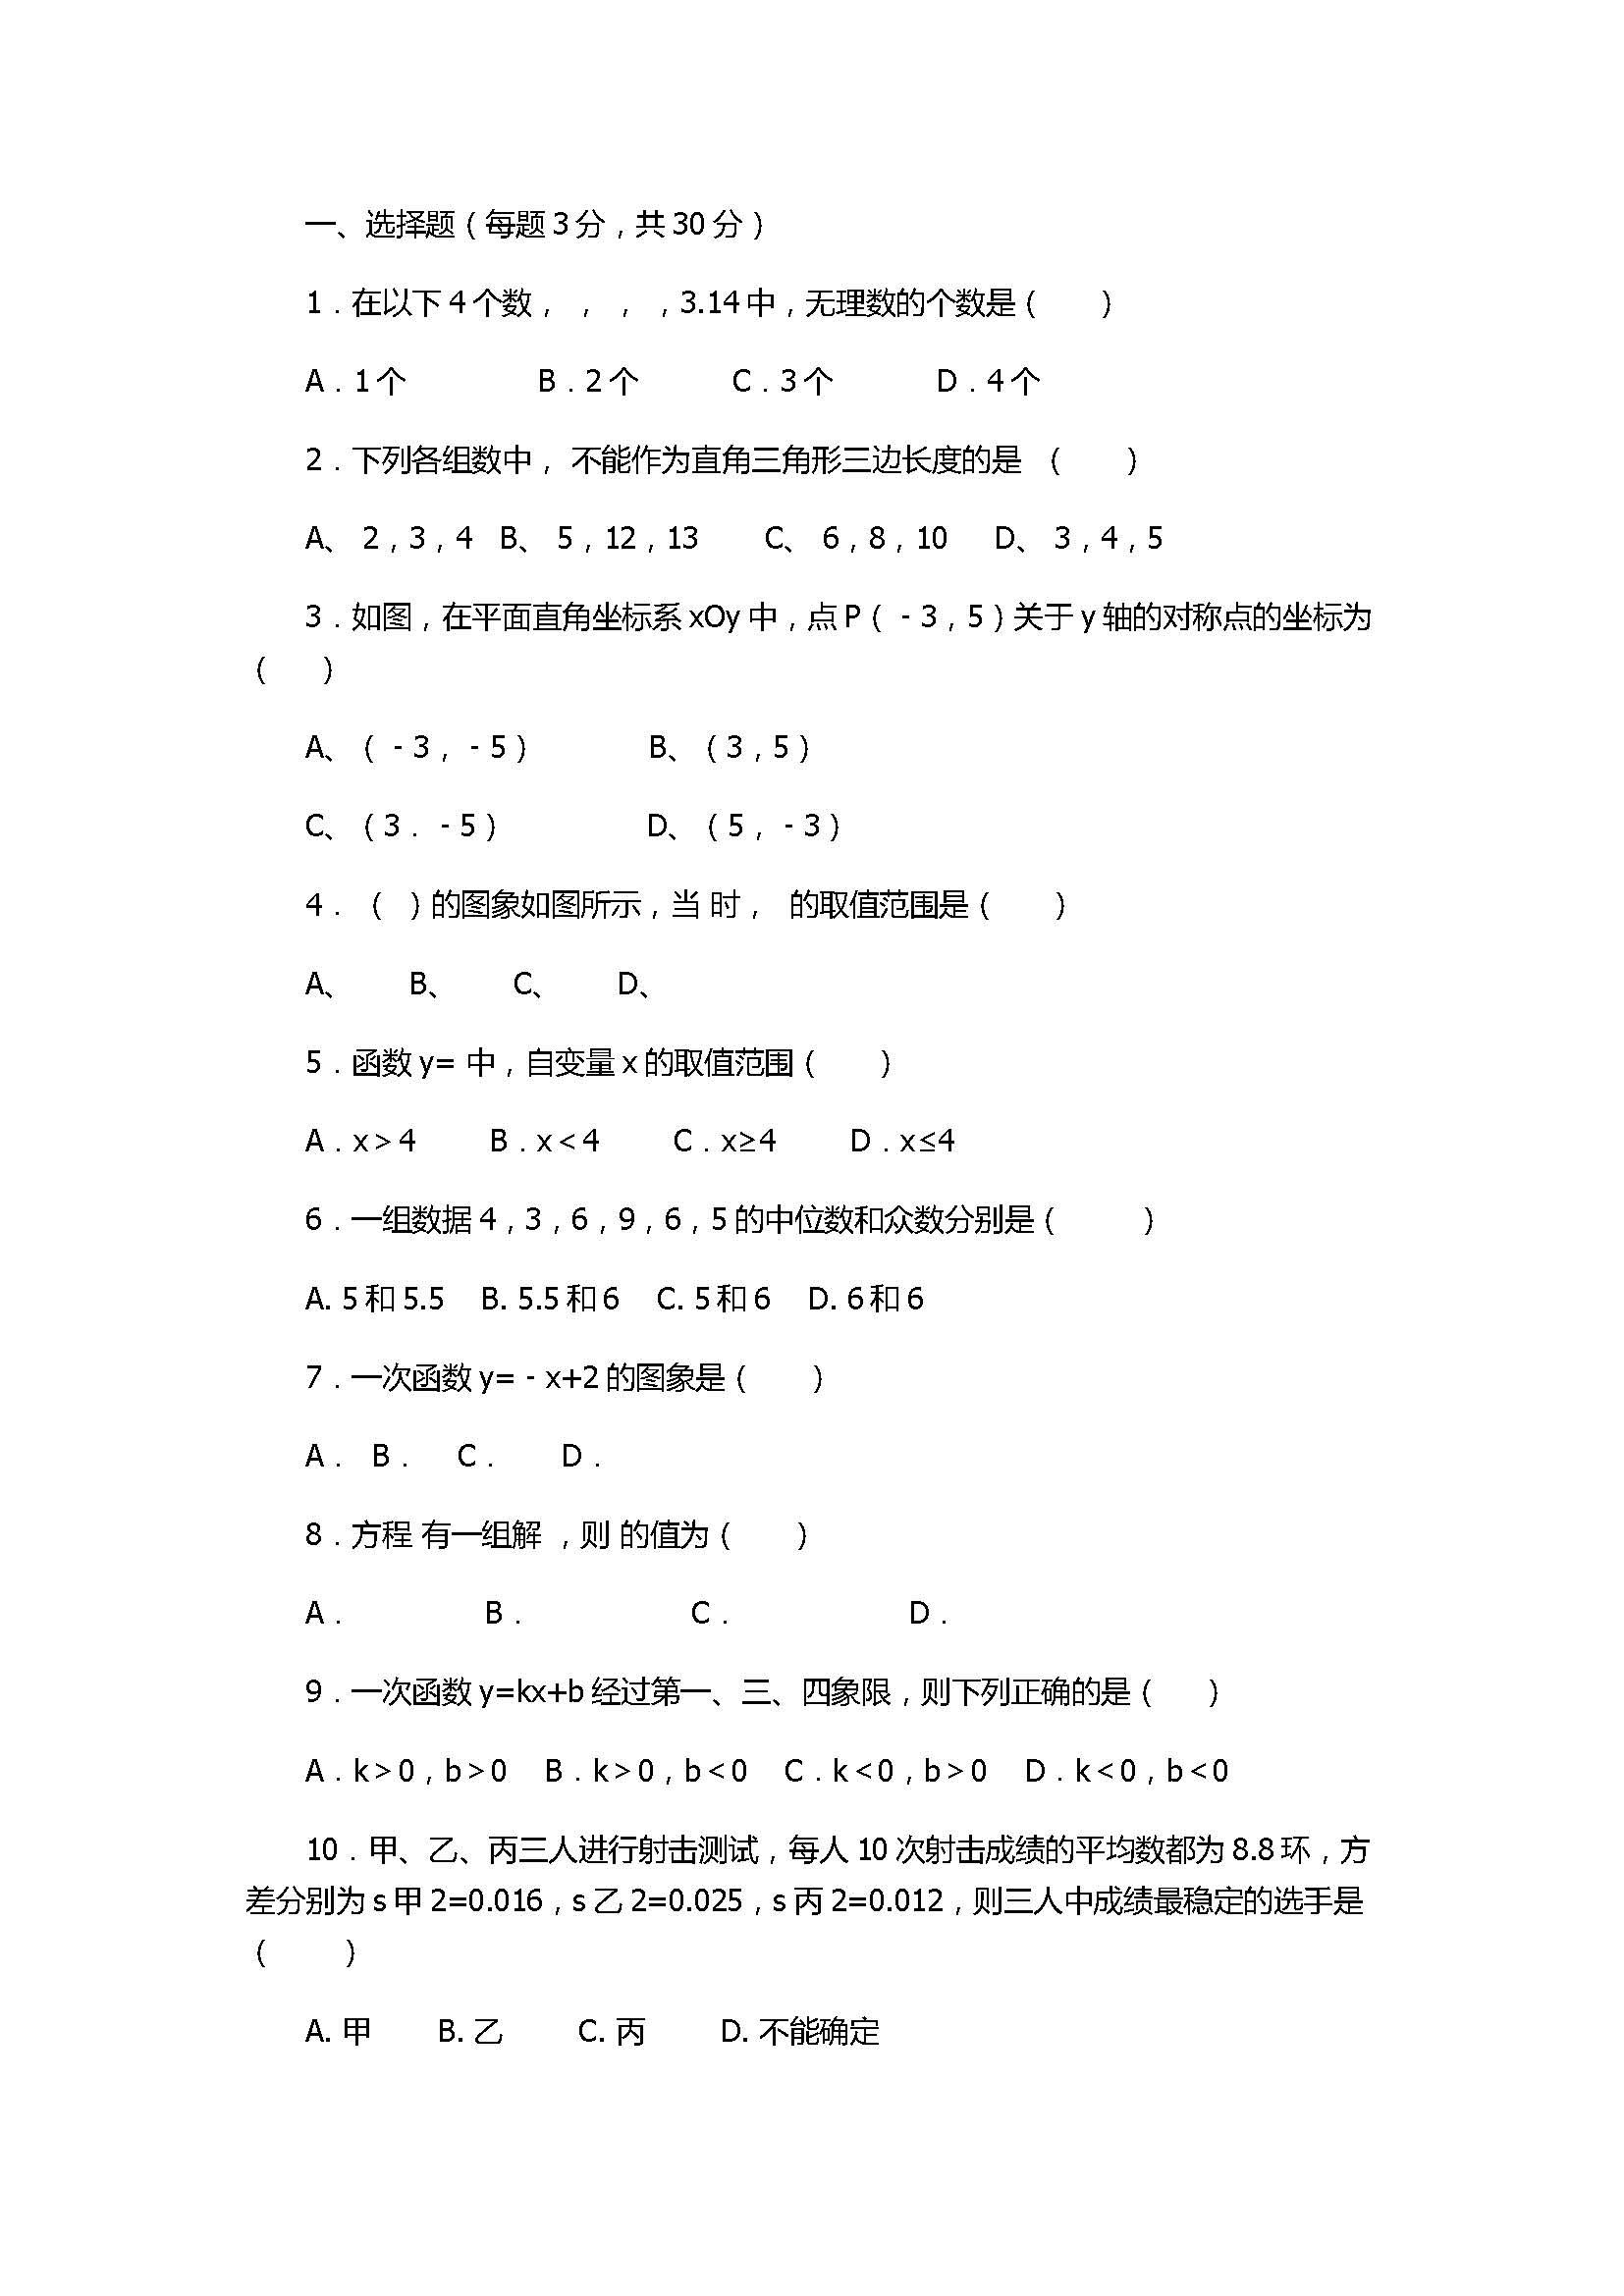 2017初二年级上册数学月考测试卷附参考答案(北师大版)